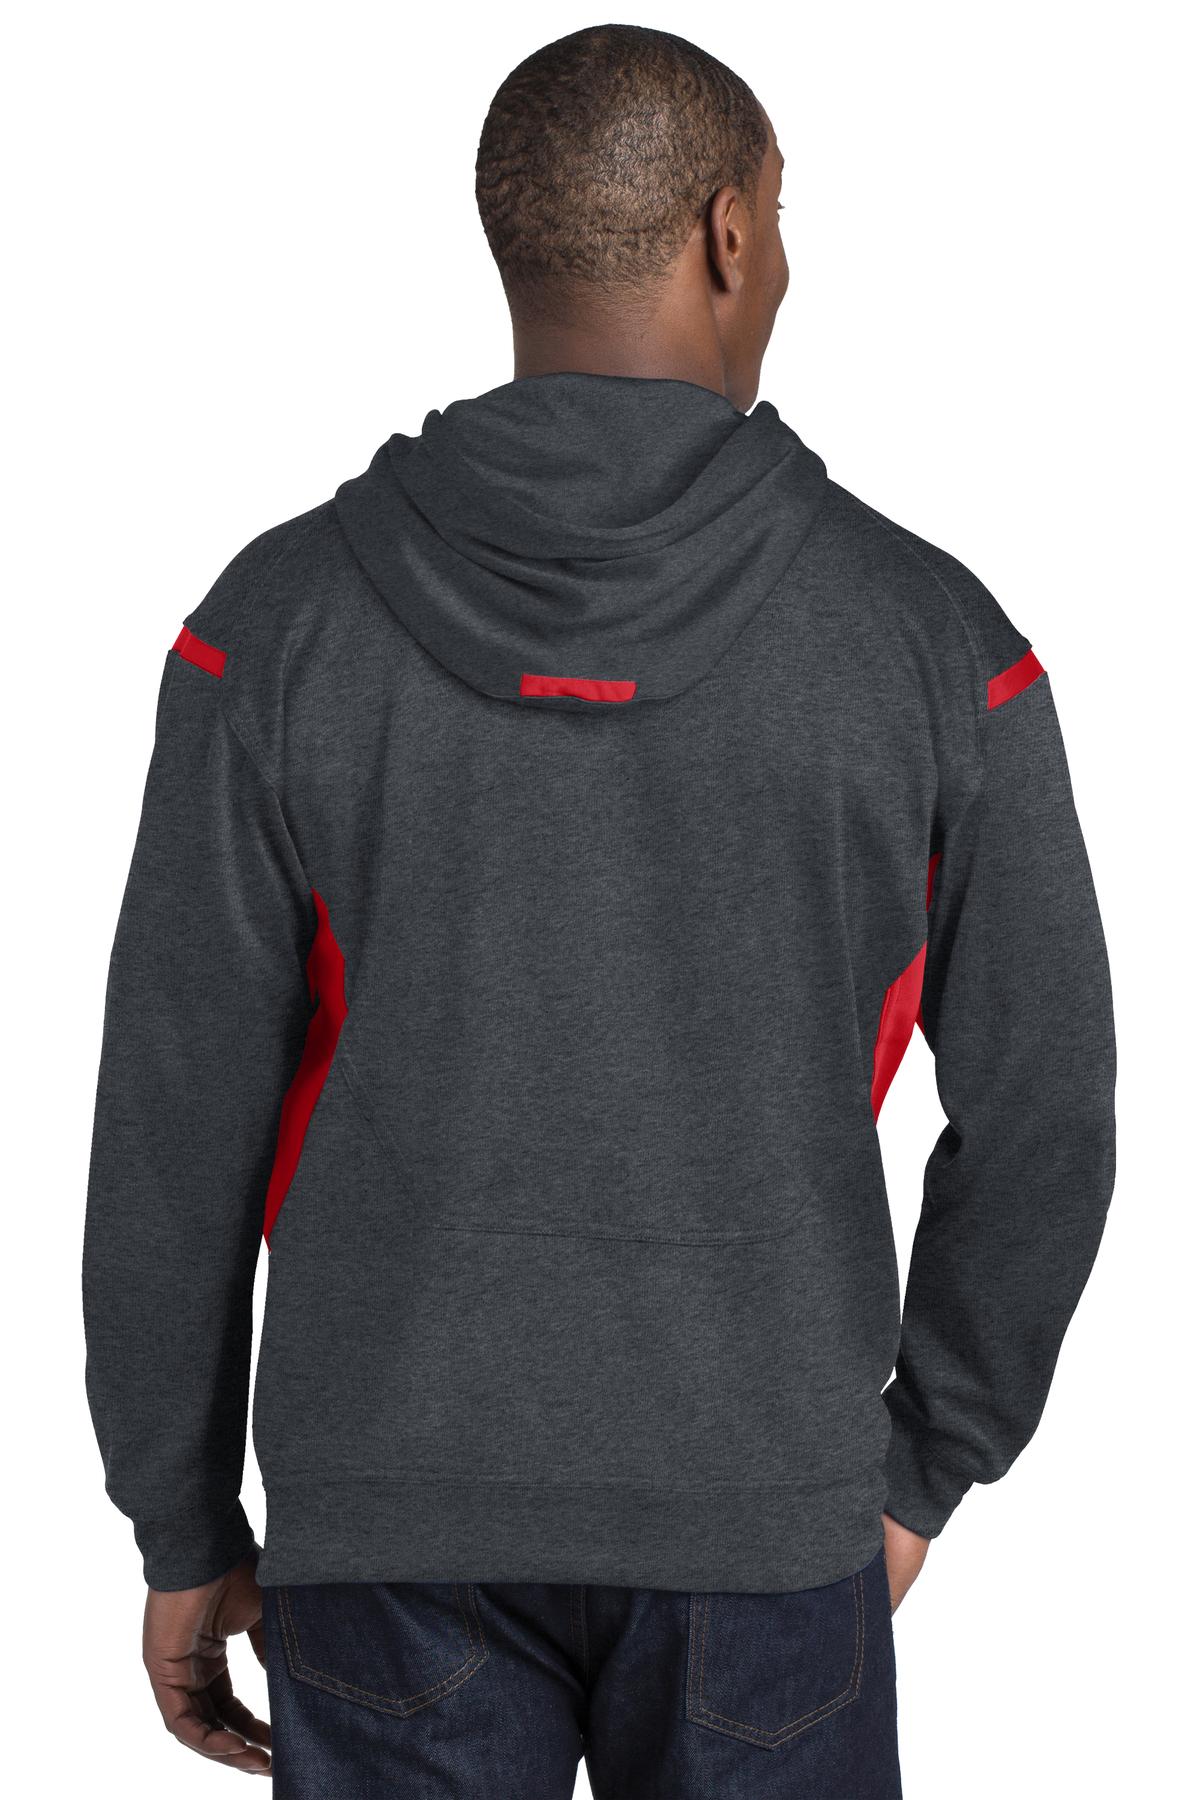 Grey Heather//True Red Sport Tek Tall Tech Fleece Hooded Sweatshirt-4XLT